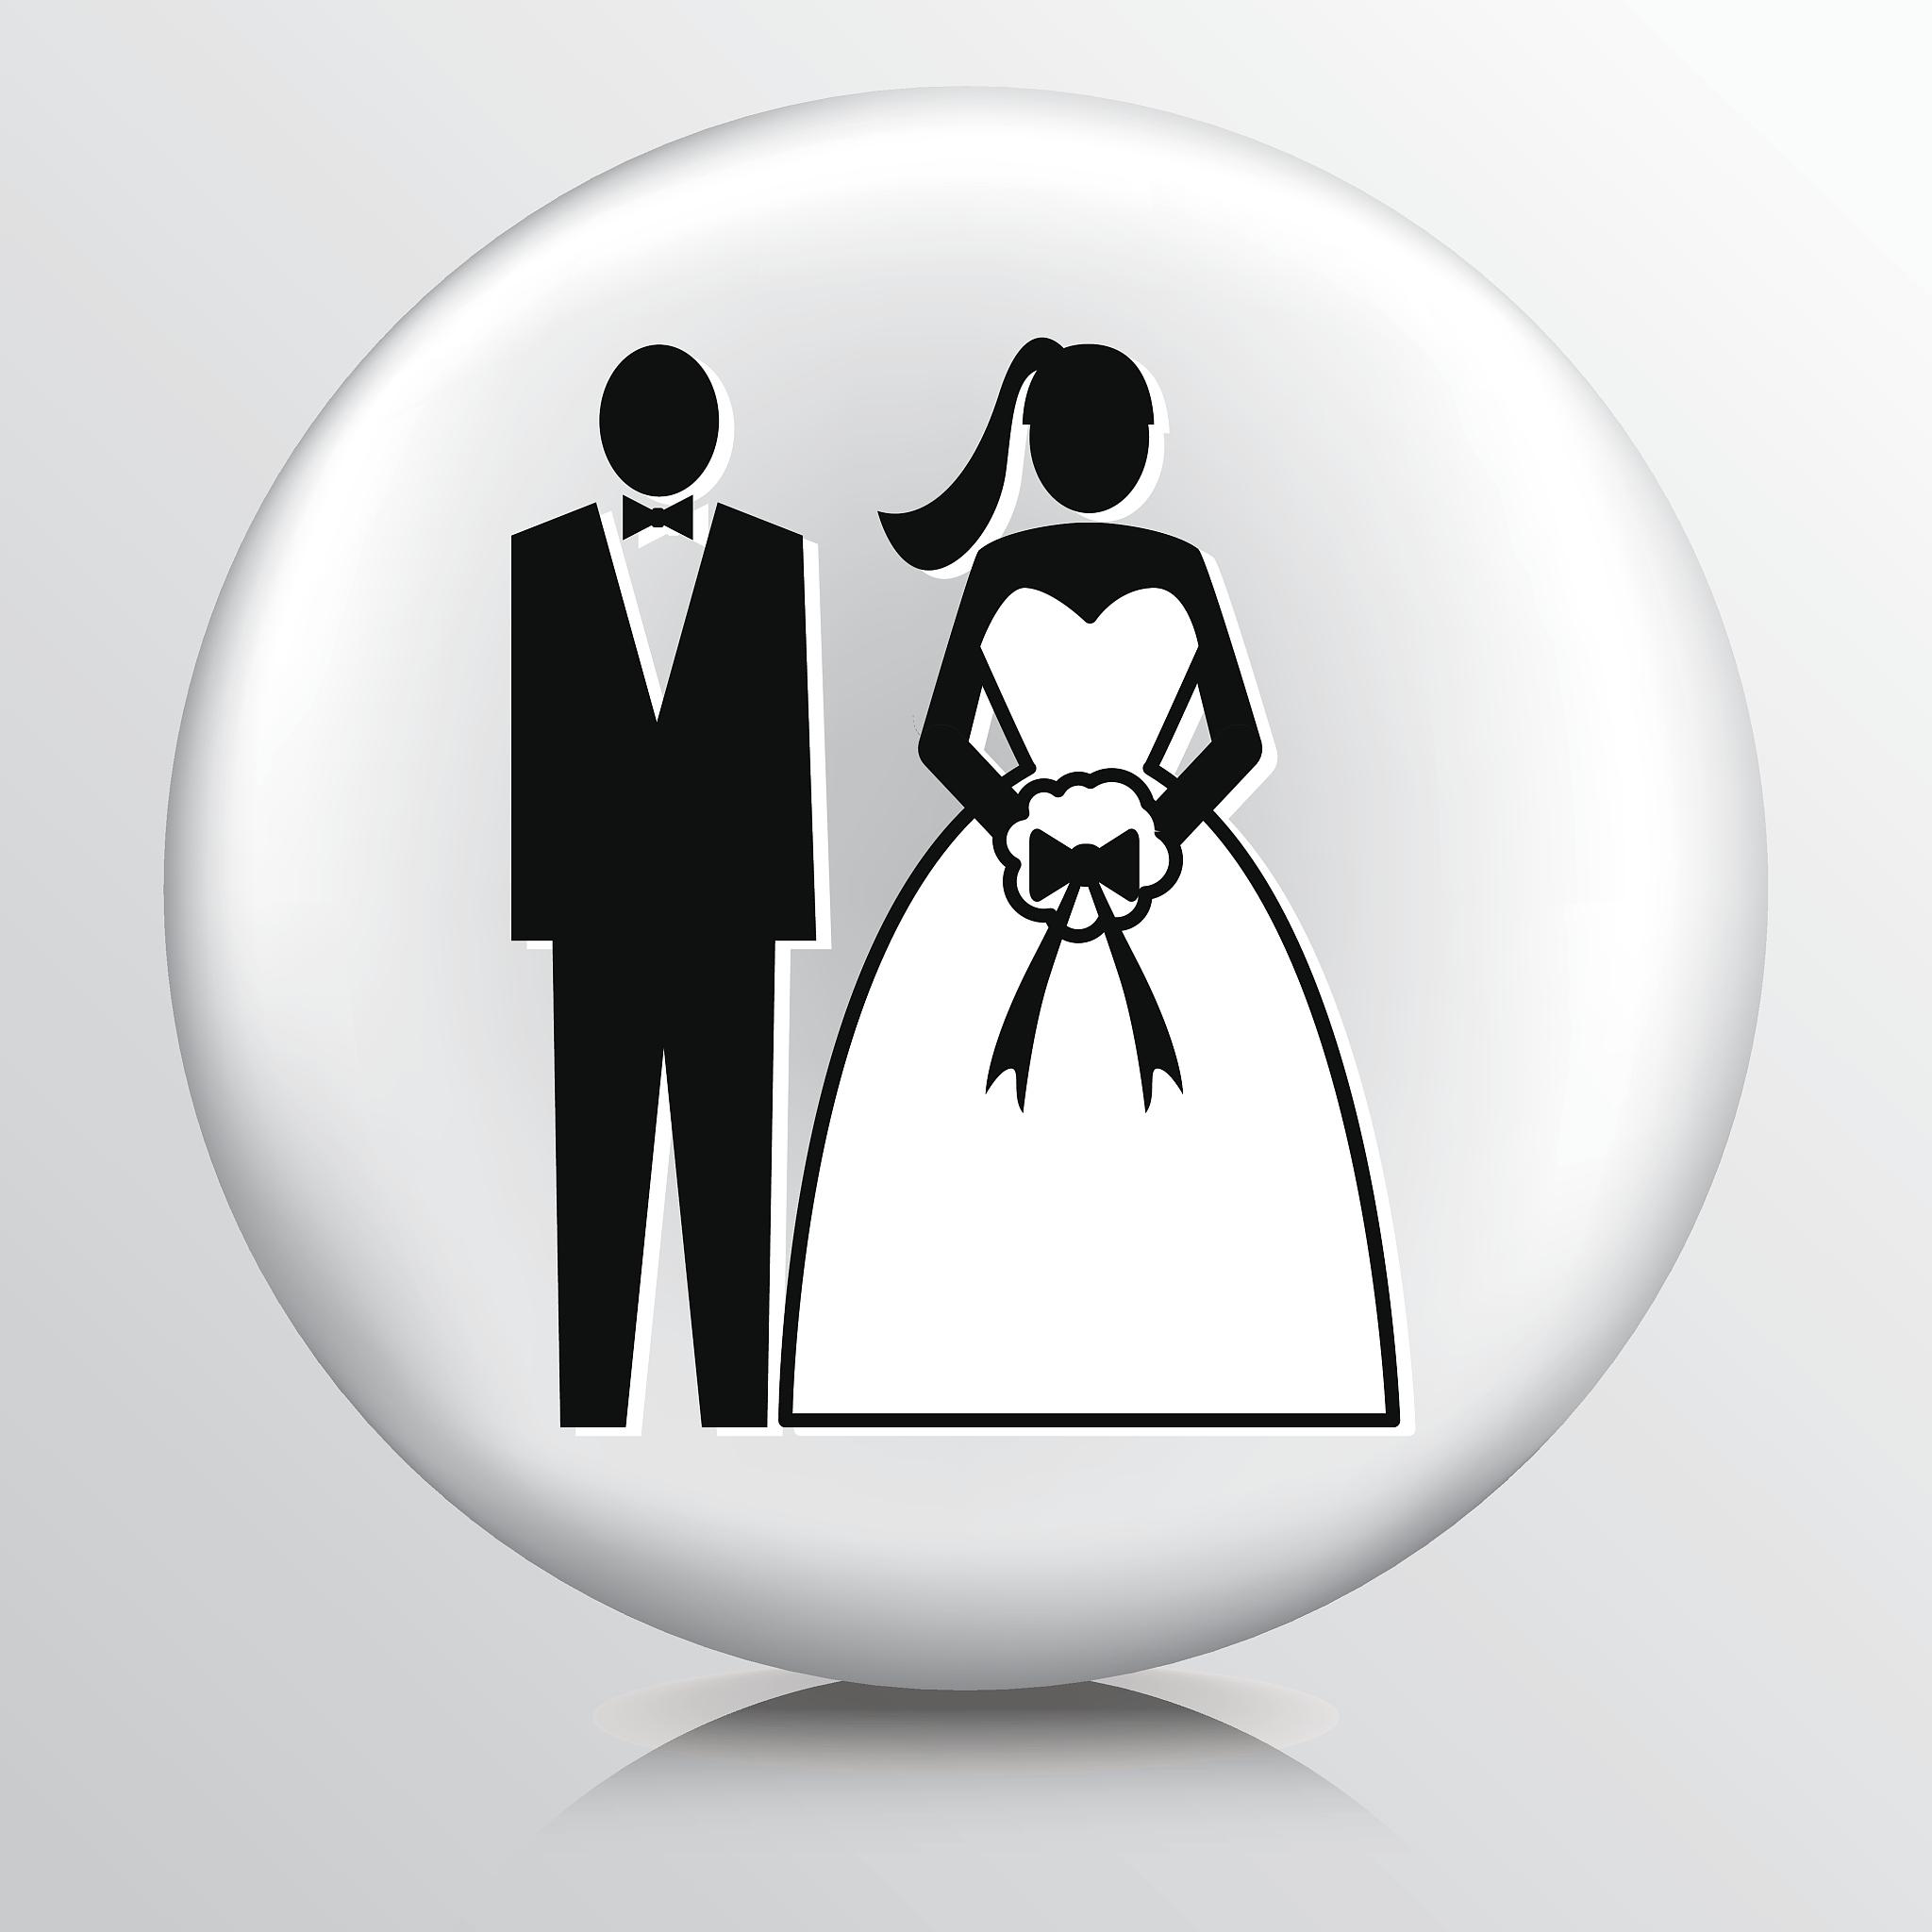 人的命运和婚姻是不是注定的 命运注定你是富或是贫